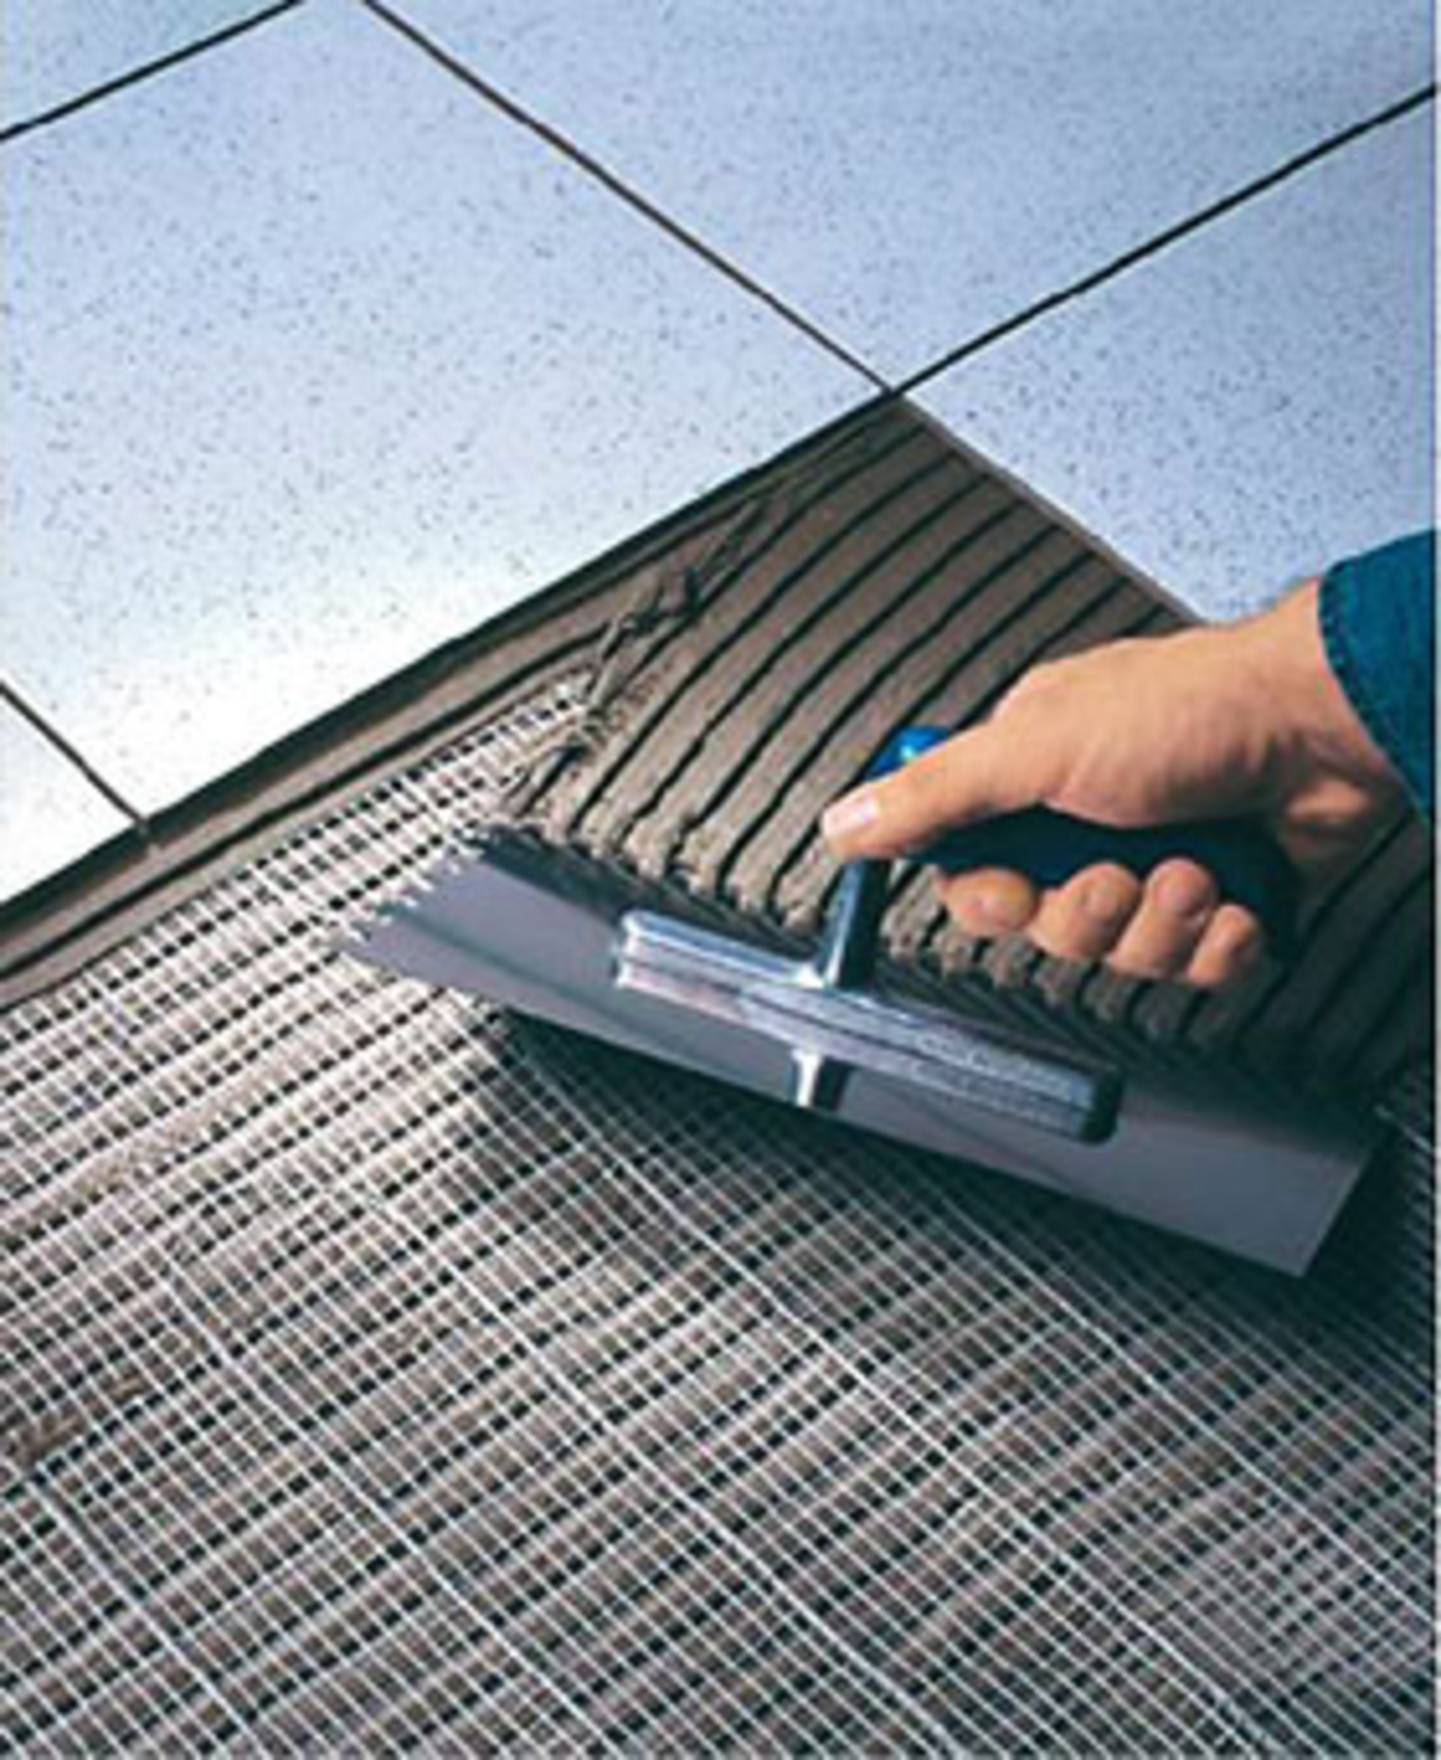 Elektrische Fußbodenheizung - Belag aufbringen